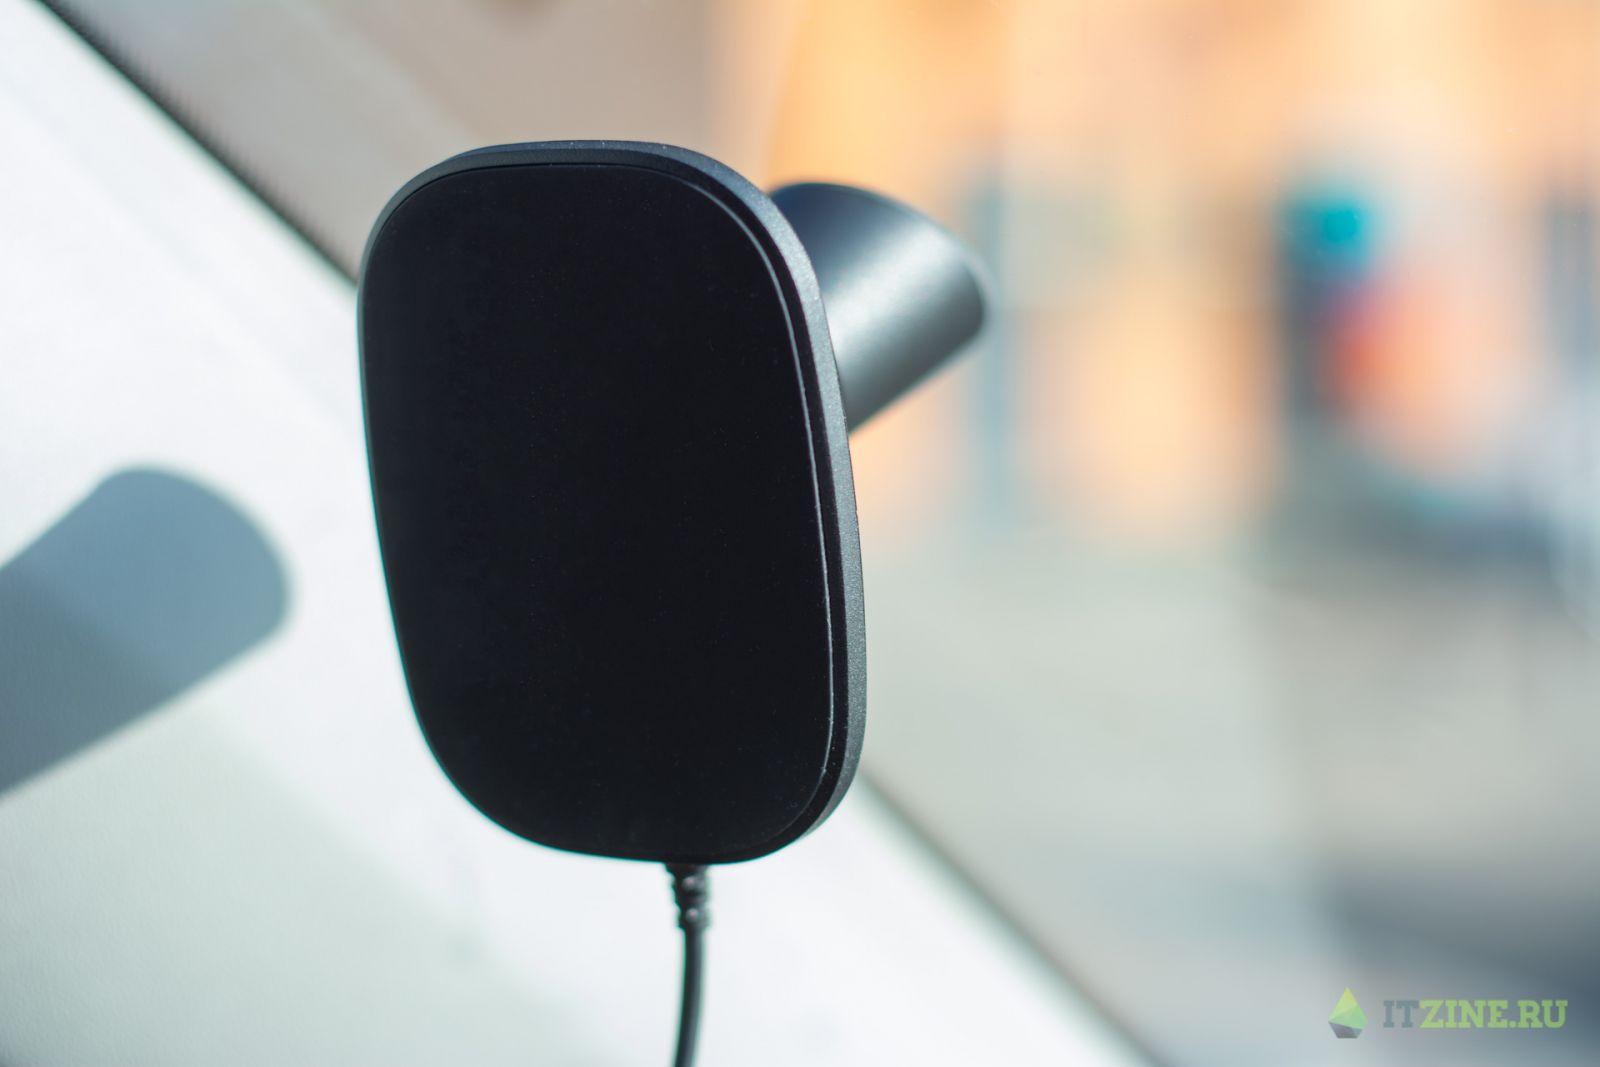 Обзор автомобильного крепления Moshi SnapTo с беспроводной зарядкой (DSC 9312 Edit)